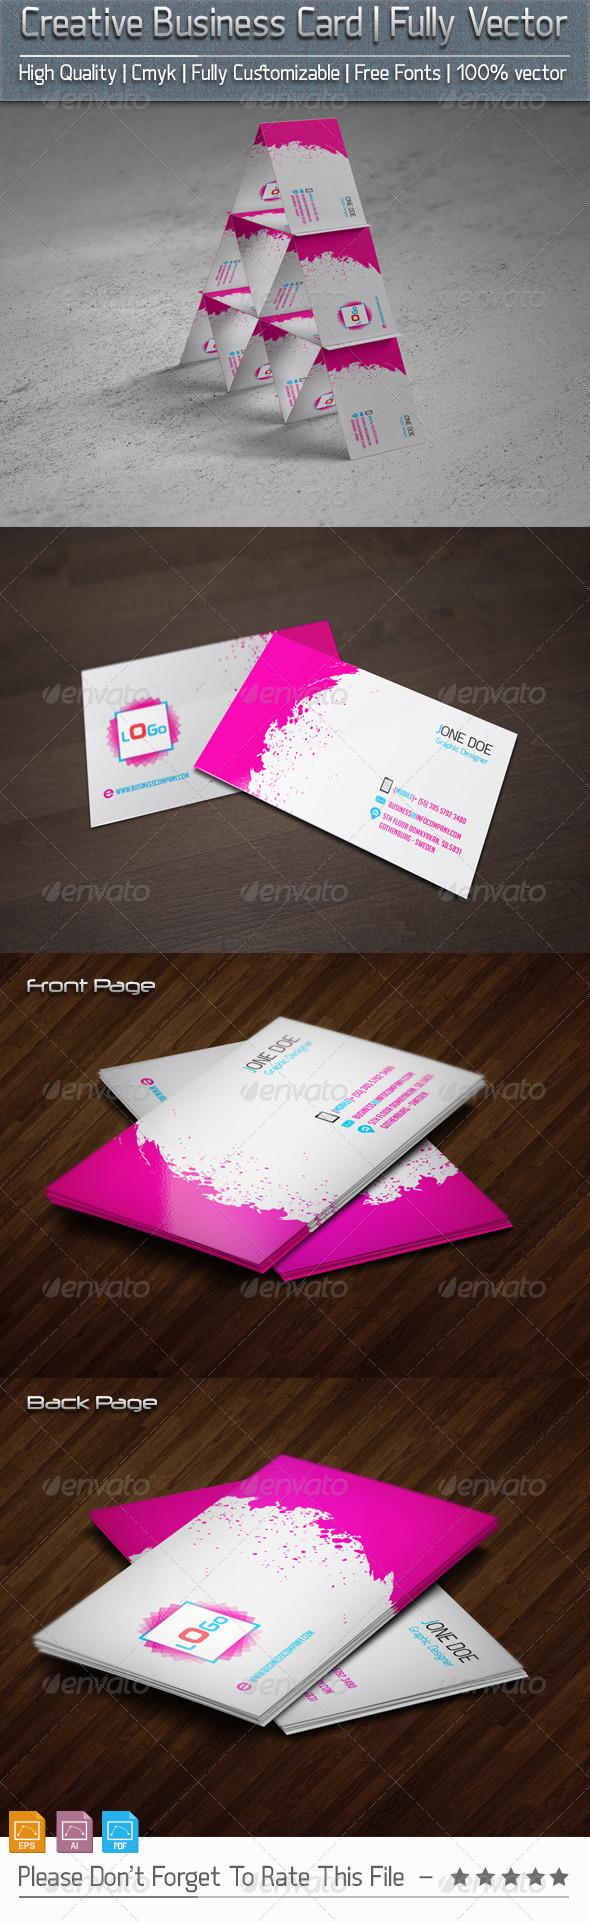 GraphicRiver Creative Business Card v2 5800970